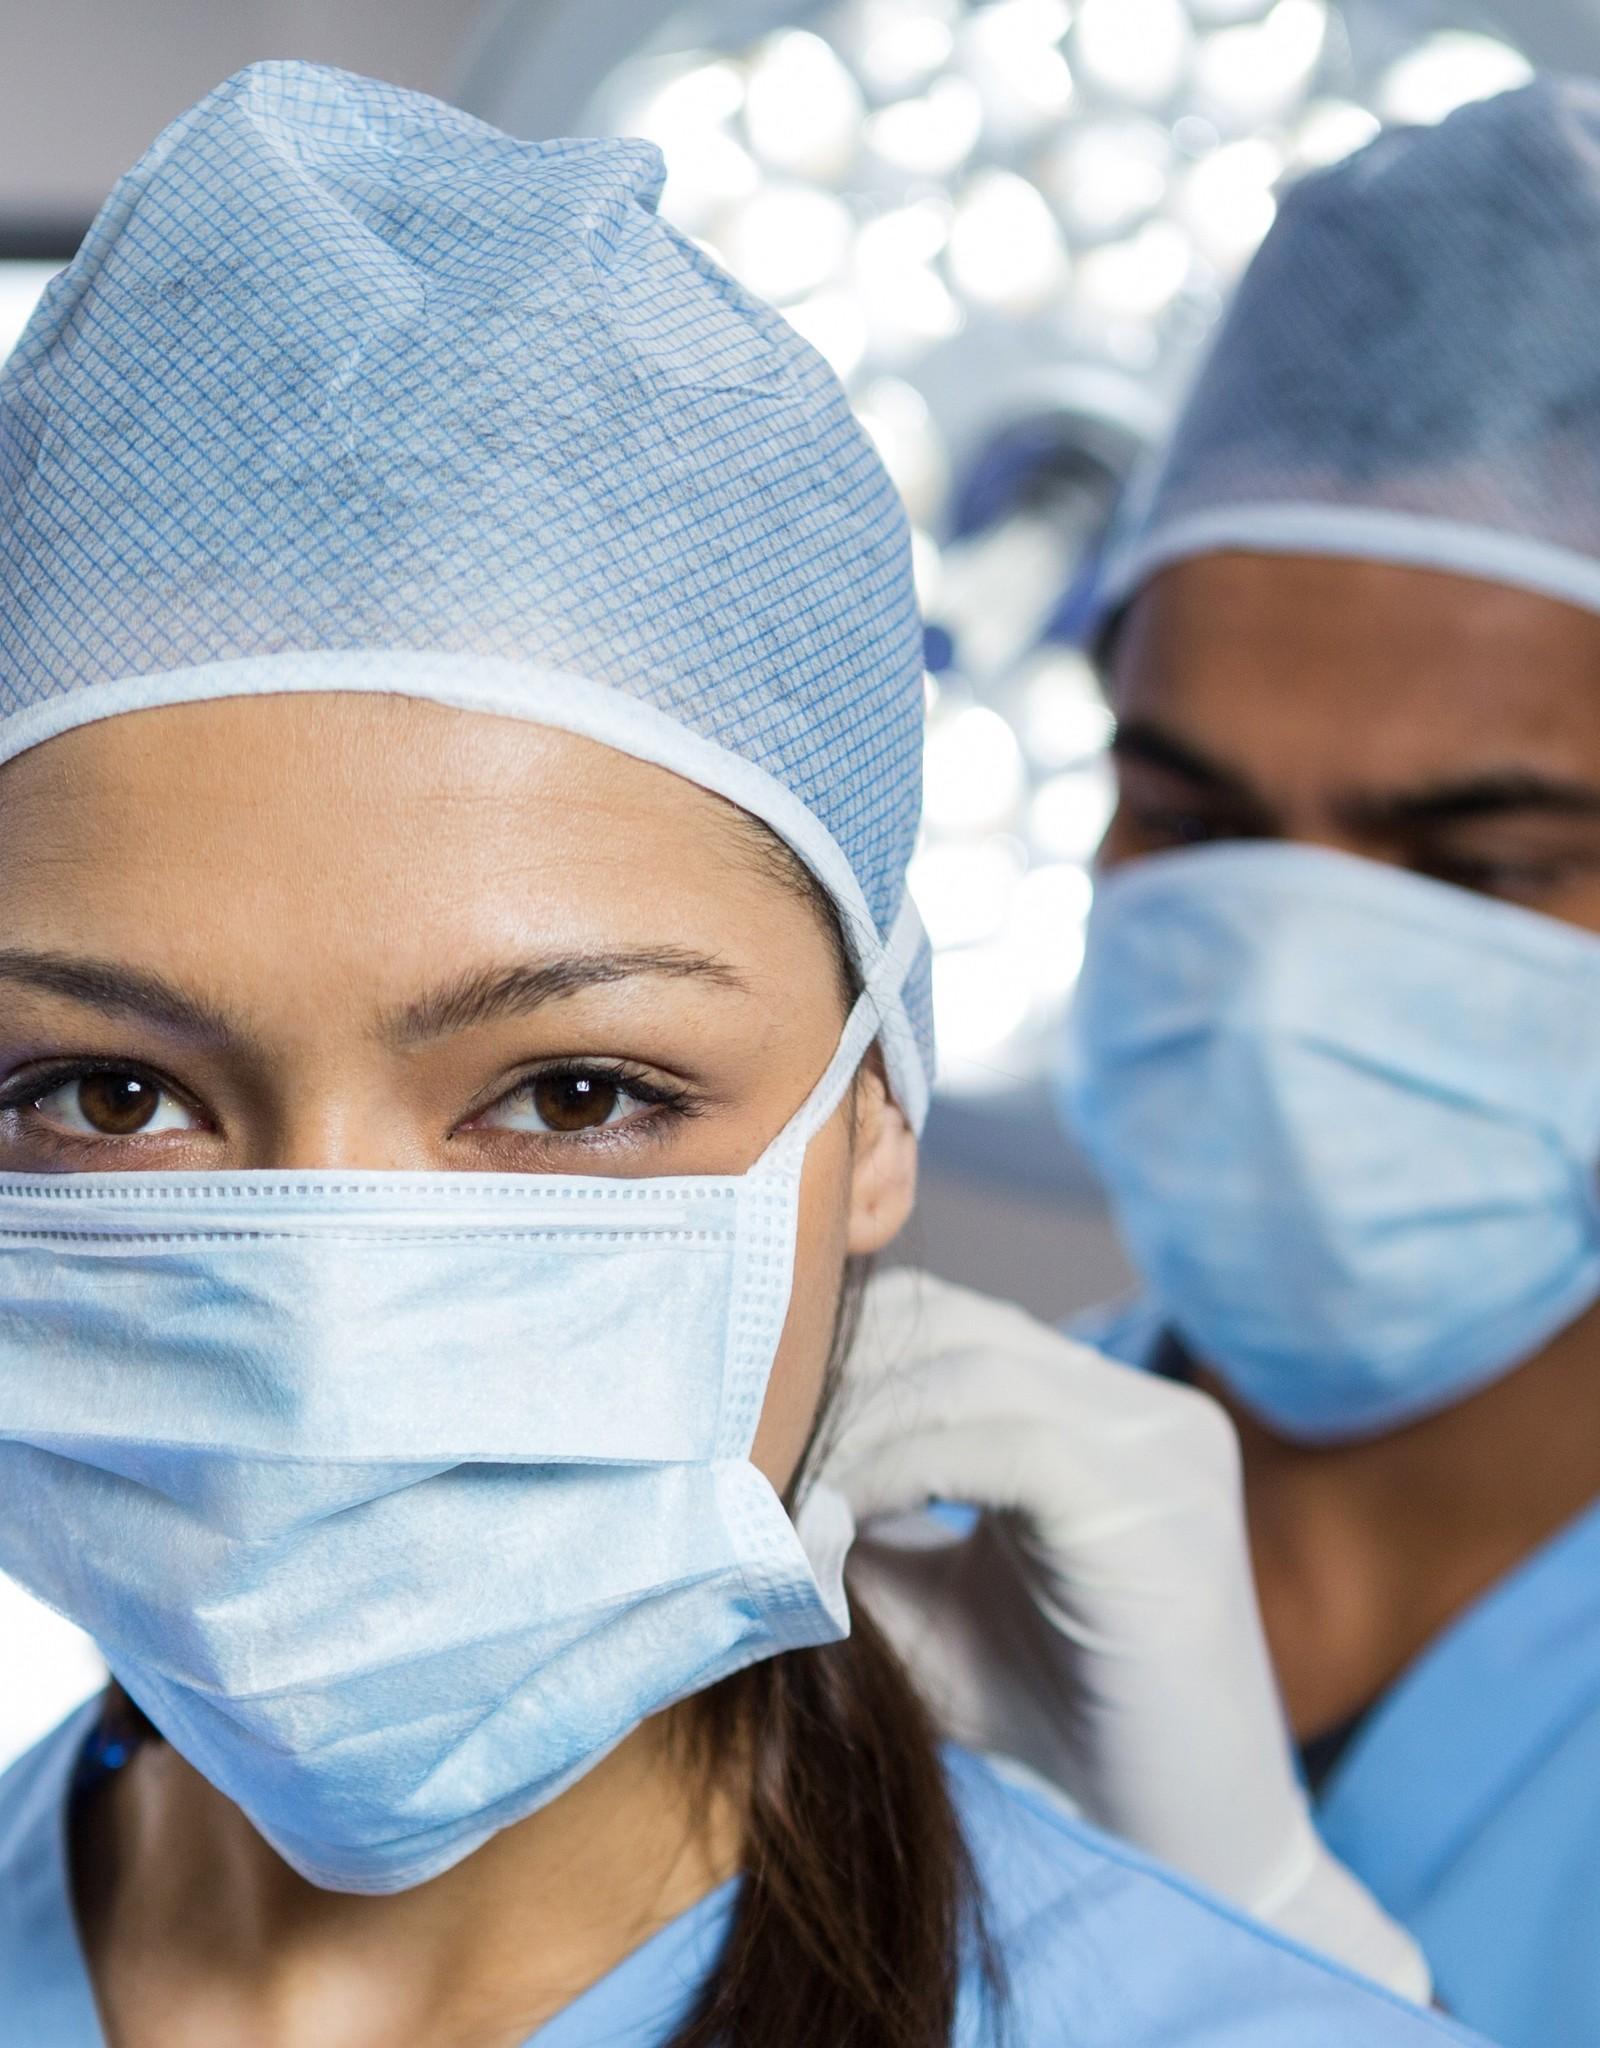 Feilikan Chirurgisch IIR-masker met bandjes (tie-on)